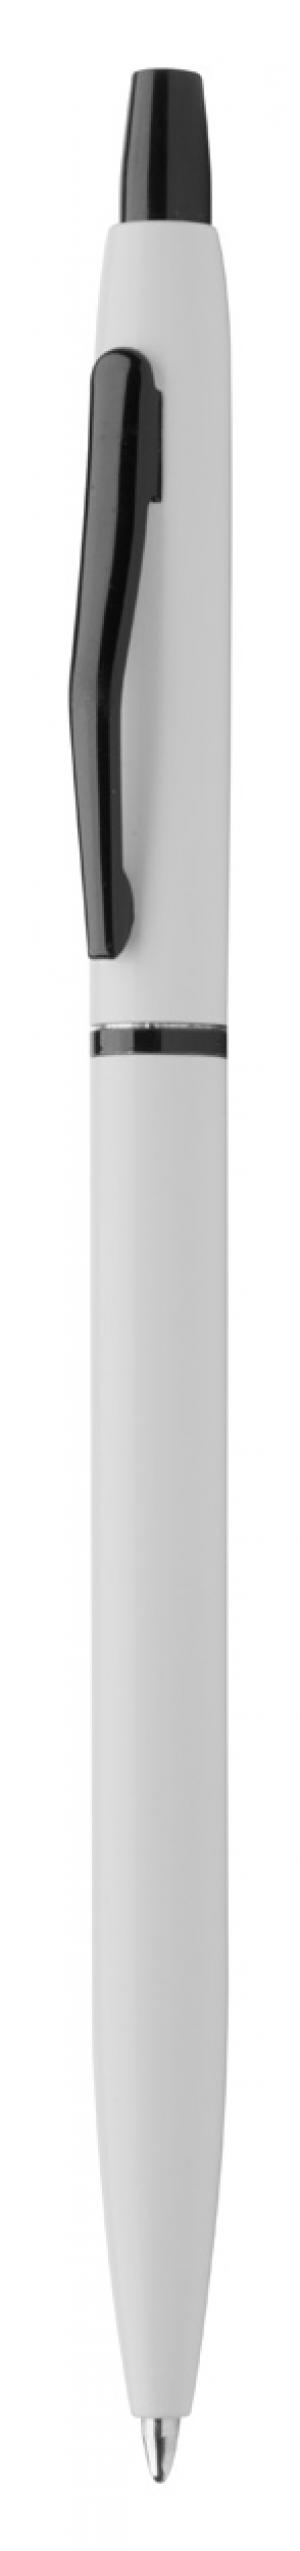 Rutulinis rašiklis Pirke